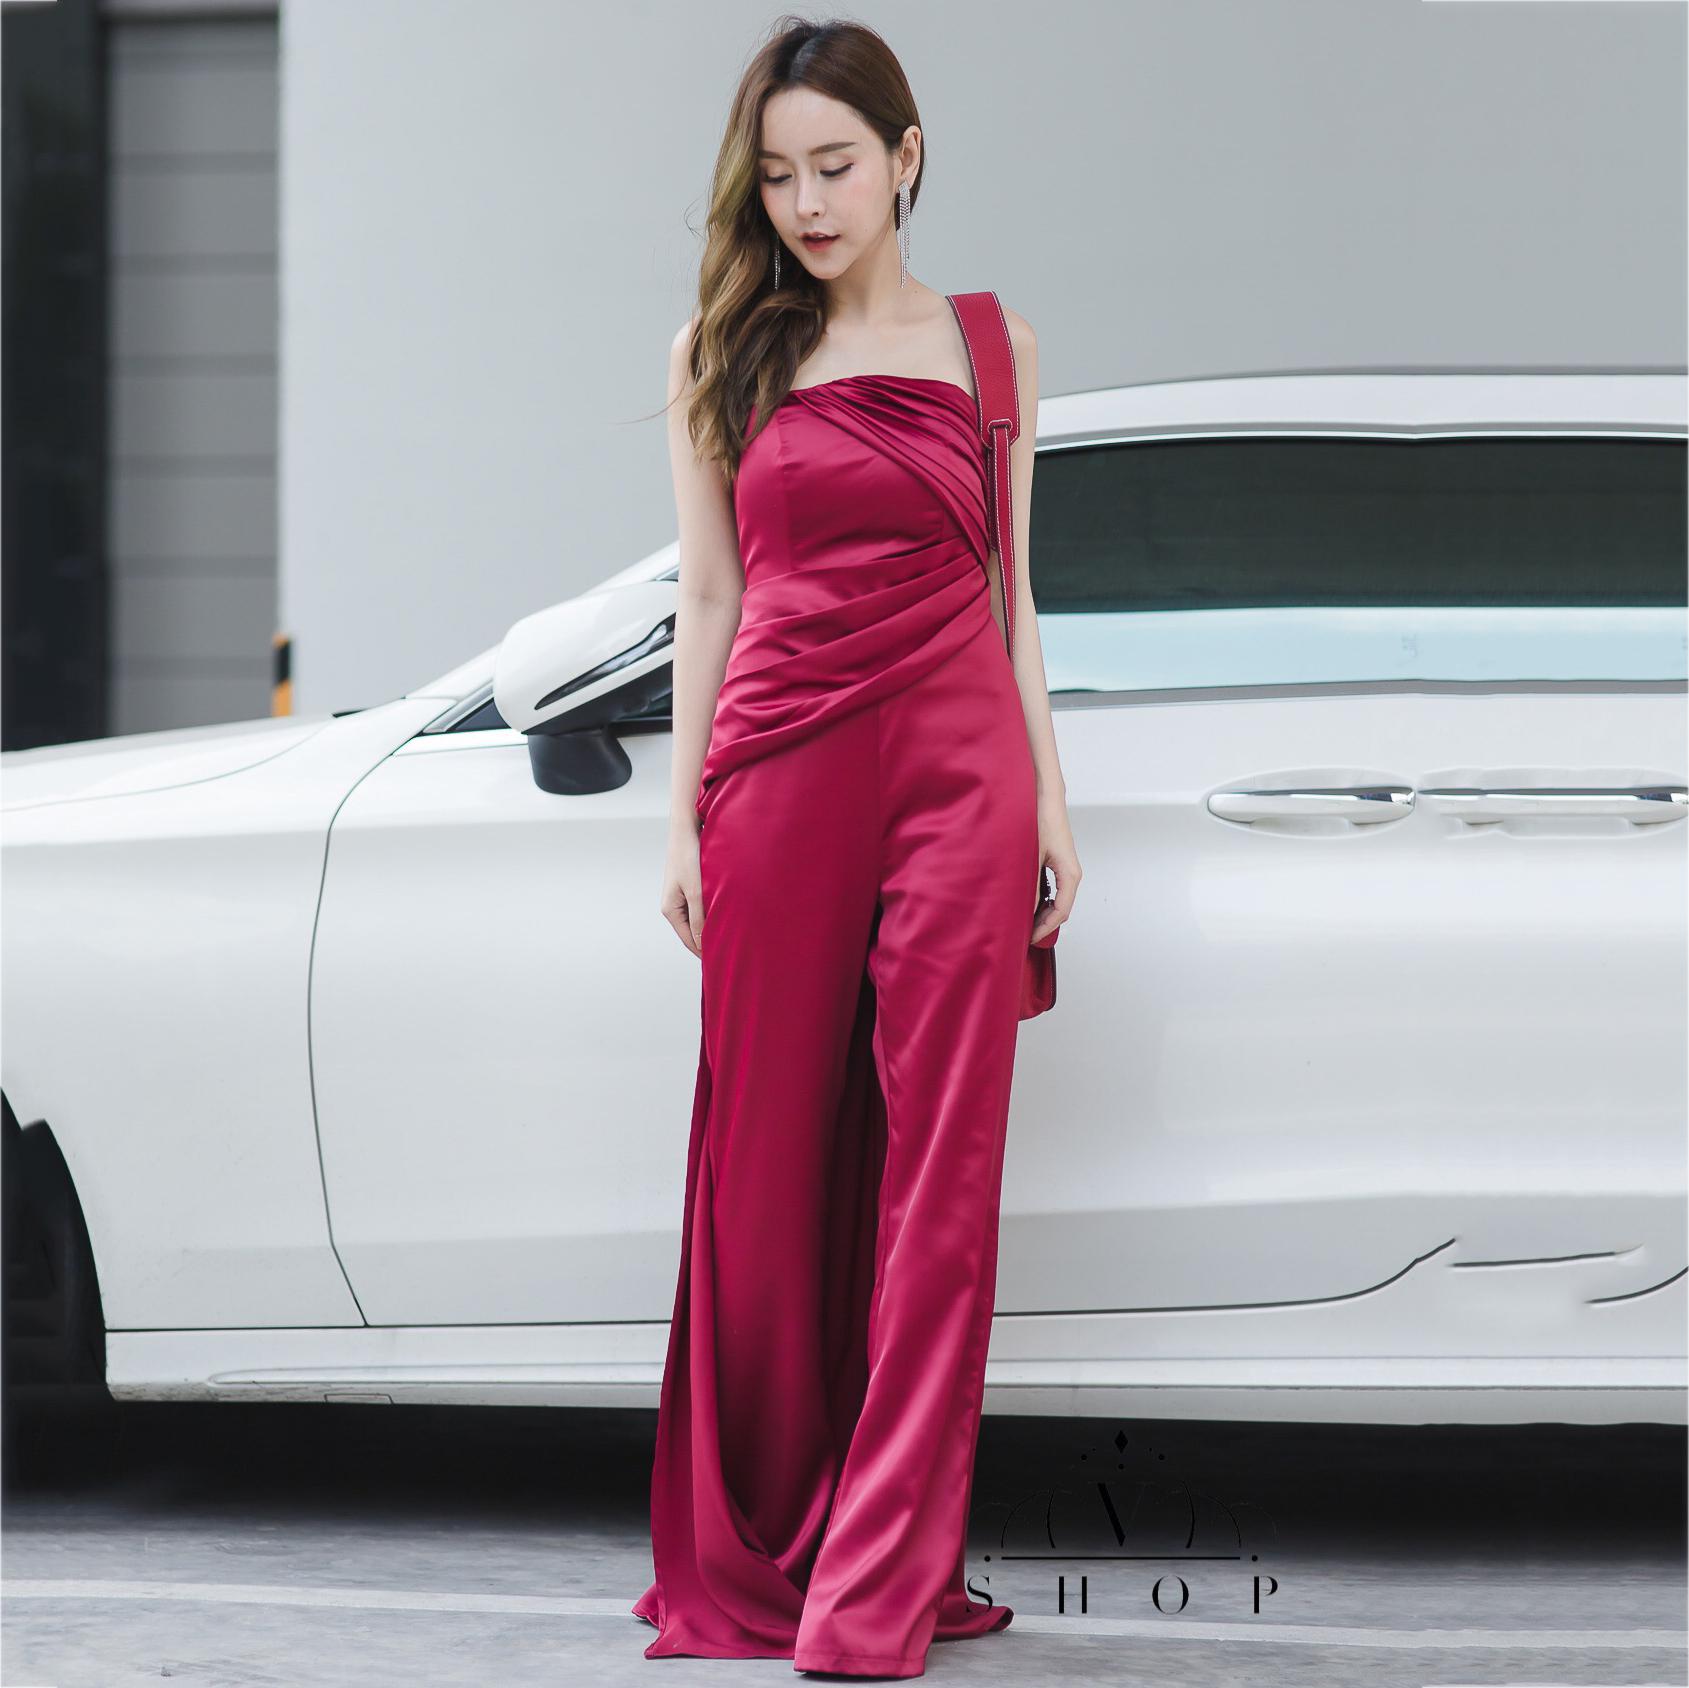 ชุดออกงานยาวสีแดง แบบกางเกง เกาะอก กางเกงทรงบาบาน ลุคเรียบหรู สวยดูดีมากๆๆๆ